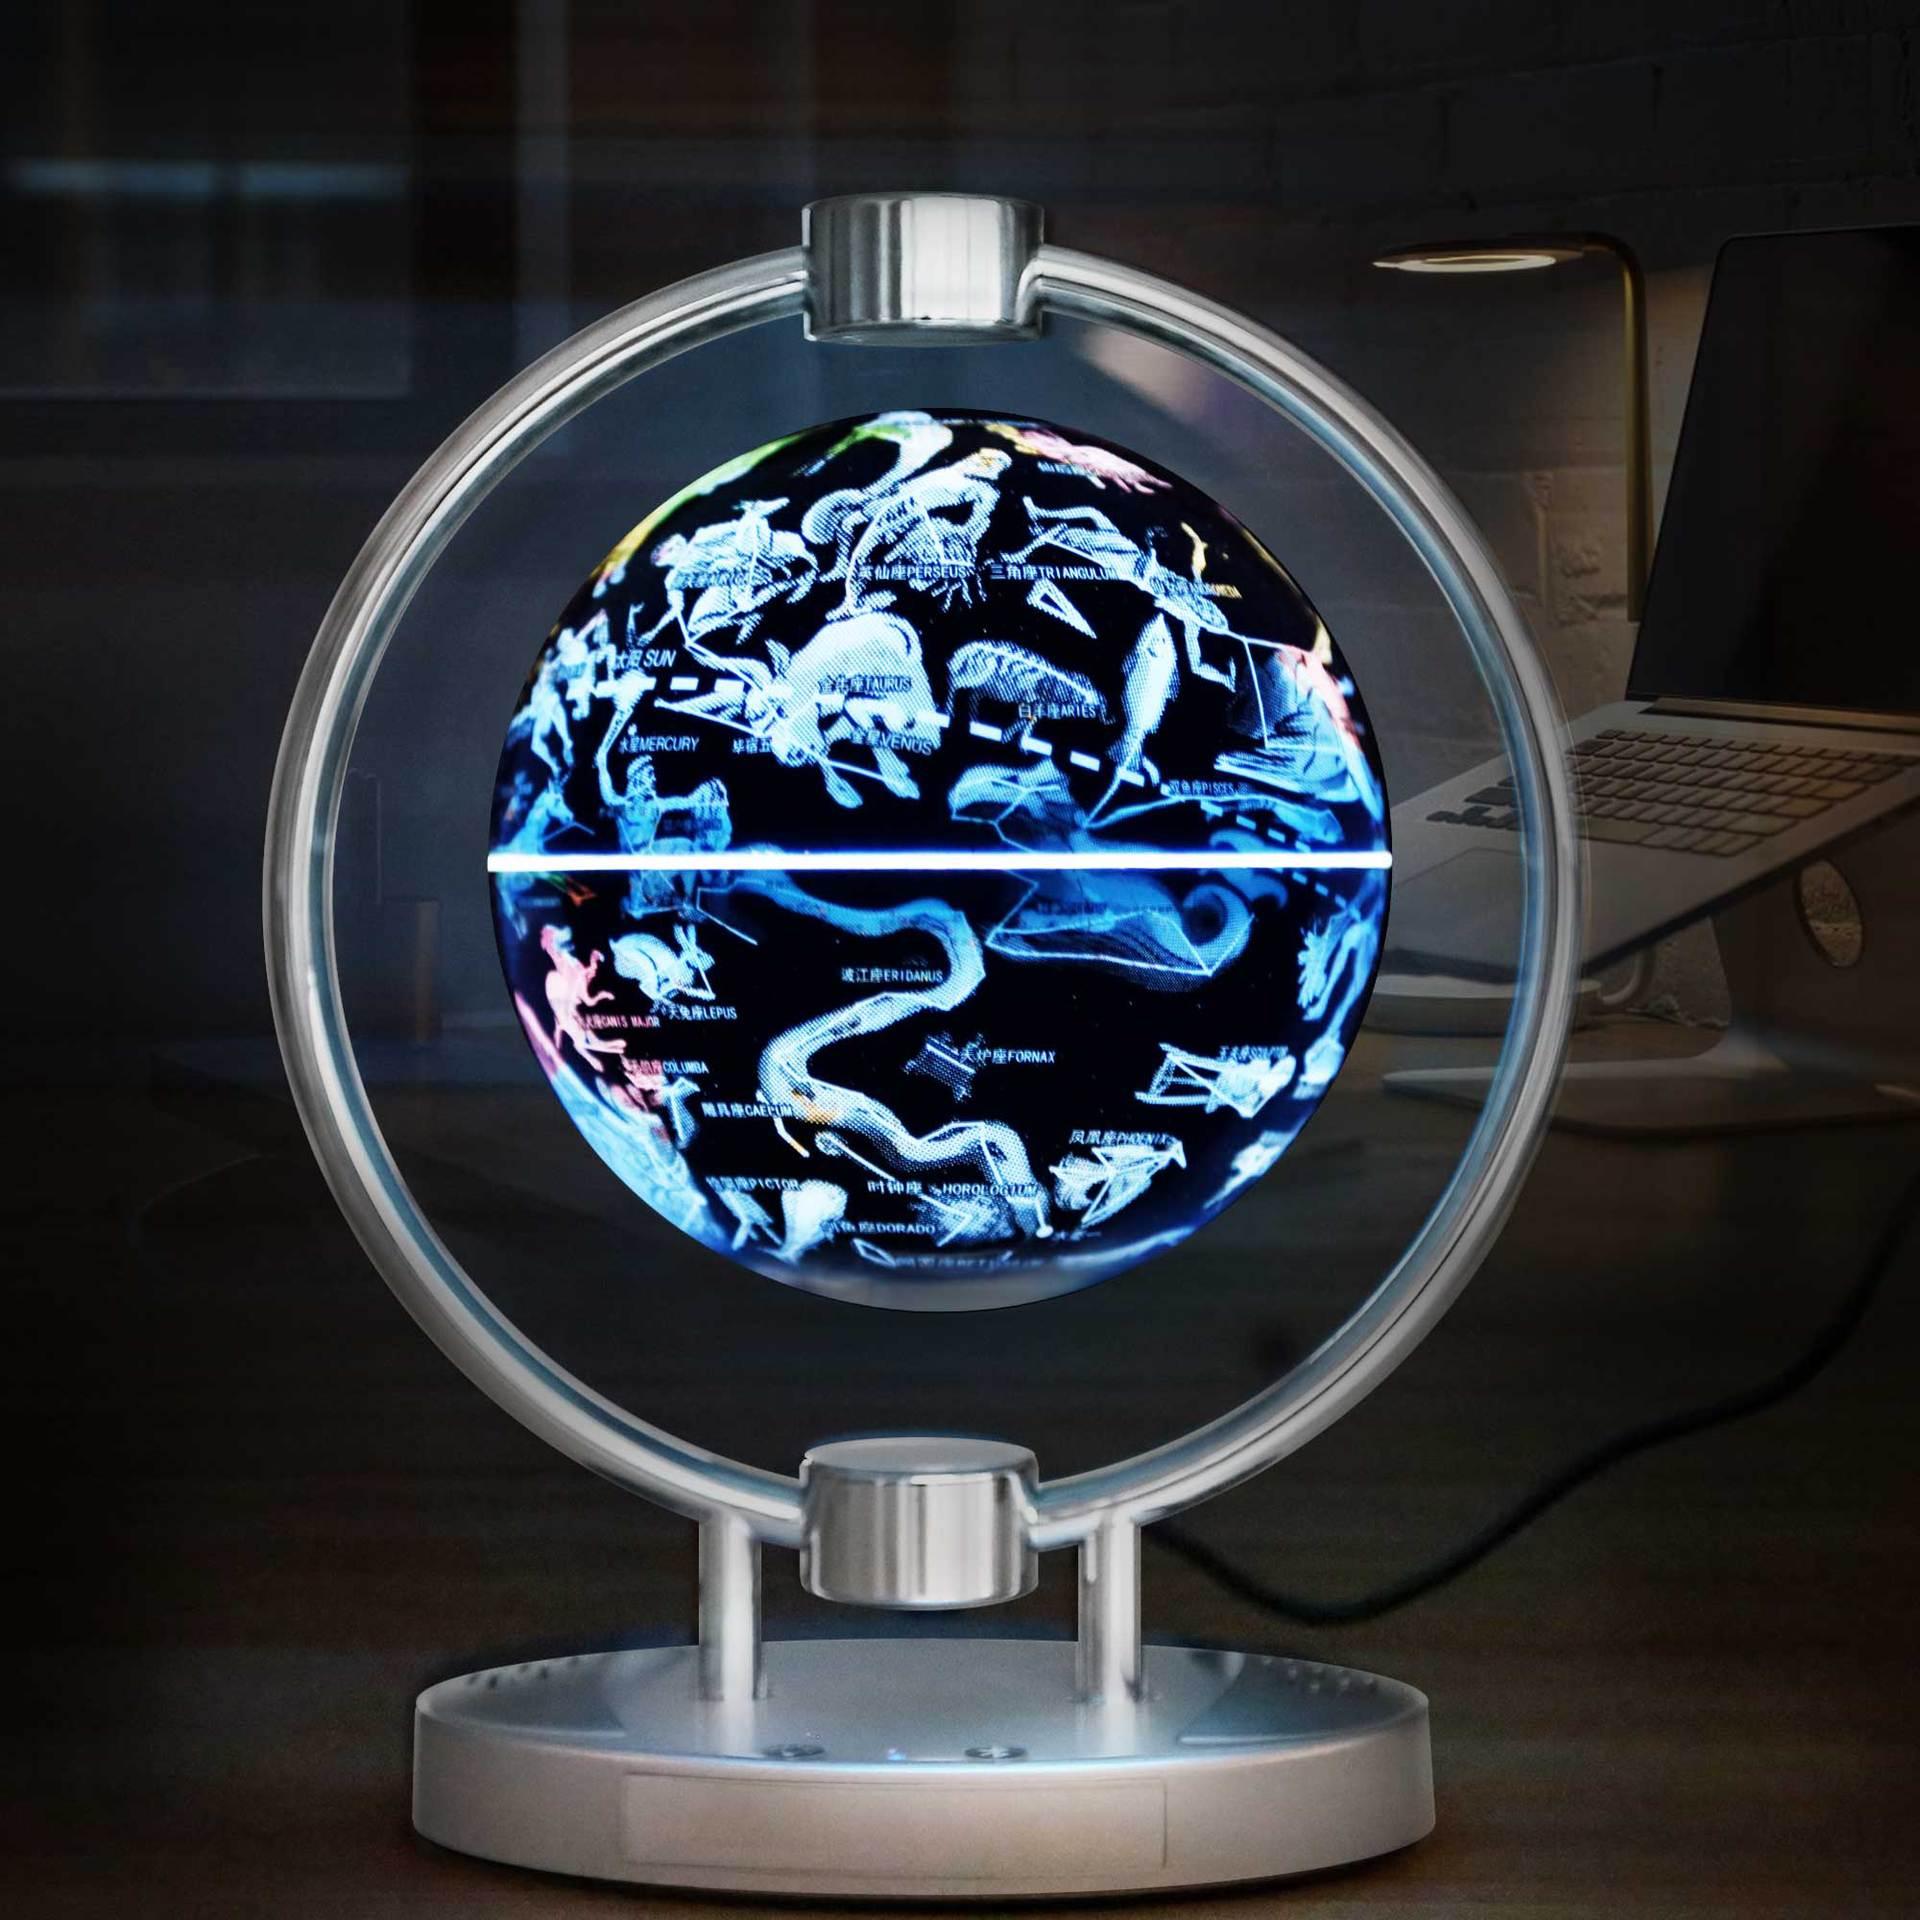 Магнитный левитационный Плавающий глобус, 6 антигравитационная карта мира Созвездие спиннинг шар с сенсорным управлением светодиодный светильник, креативный - 3